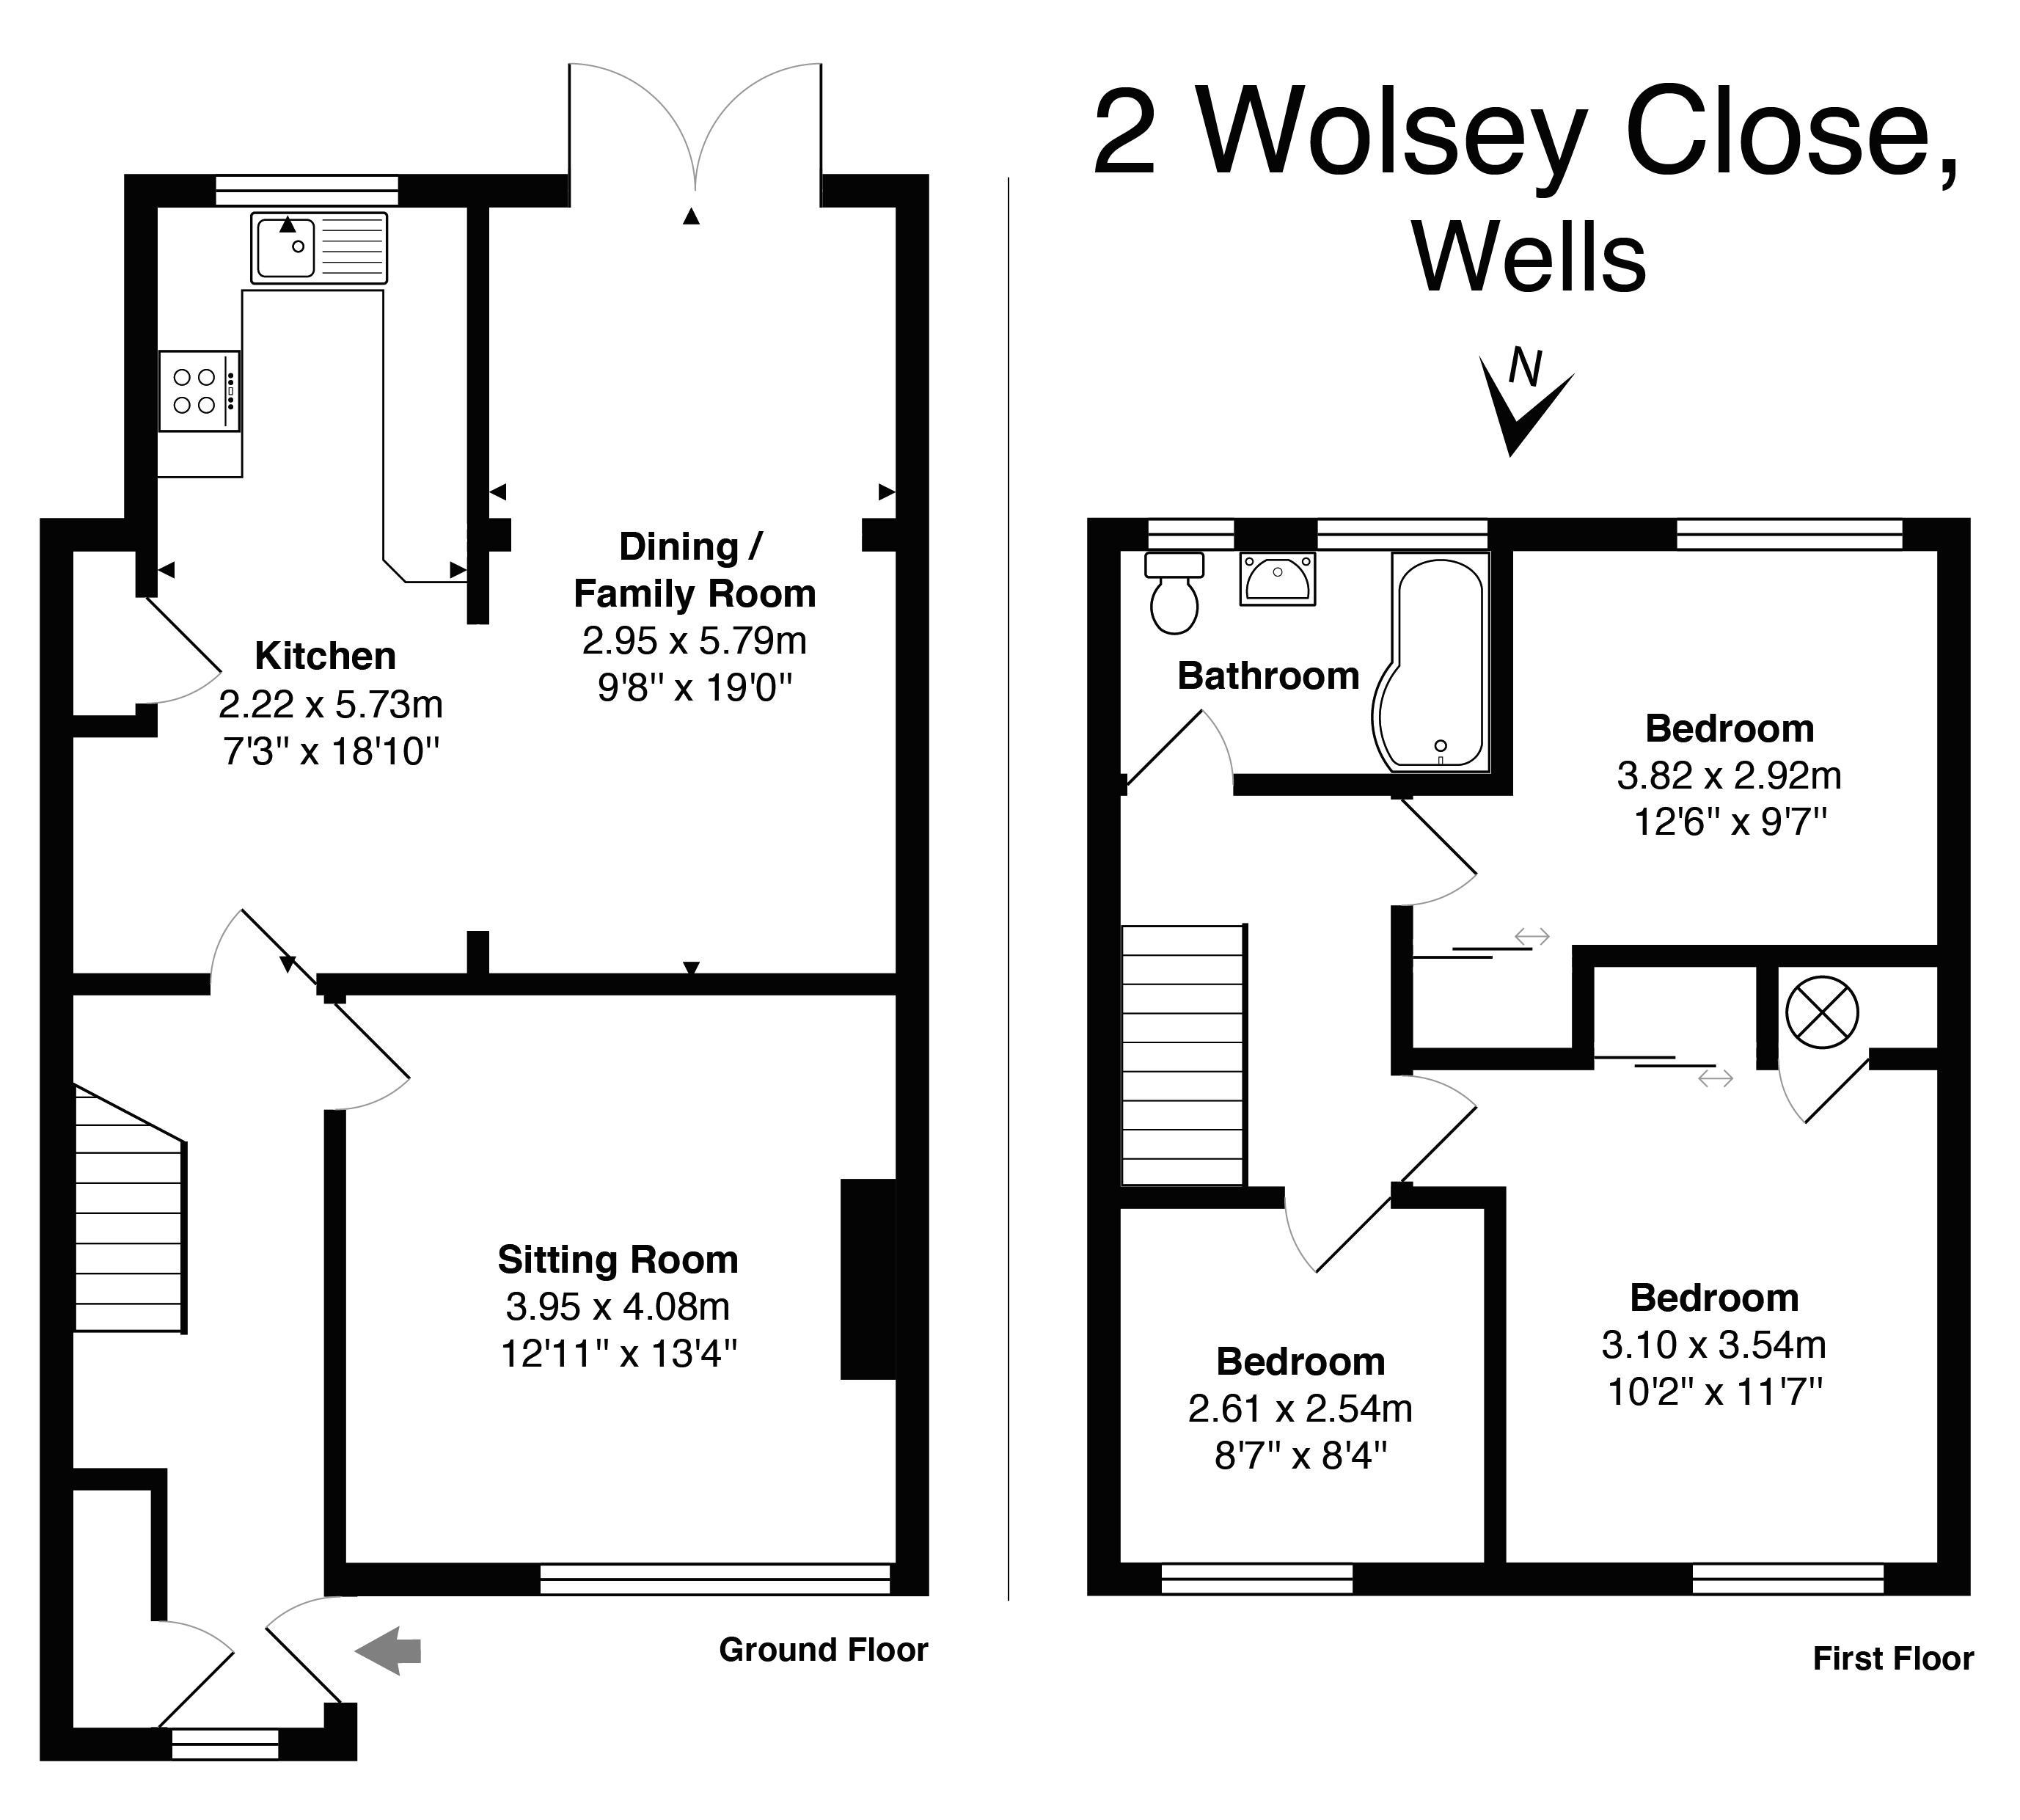 Wolsey Close